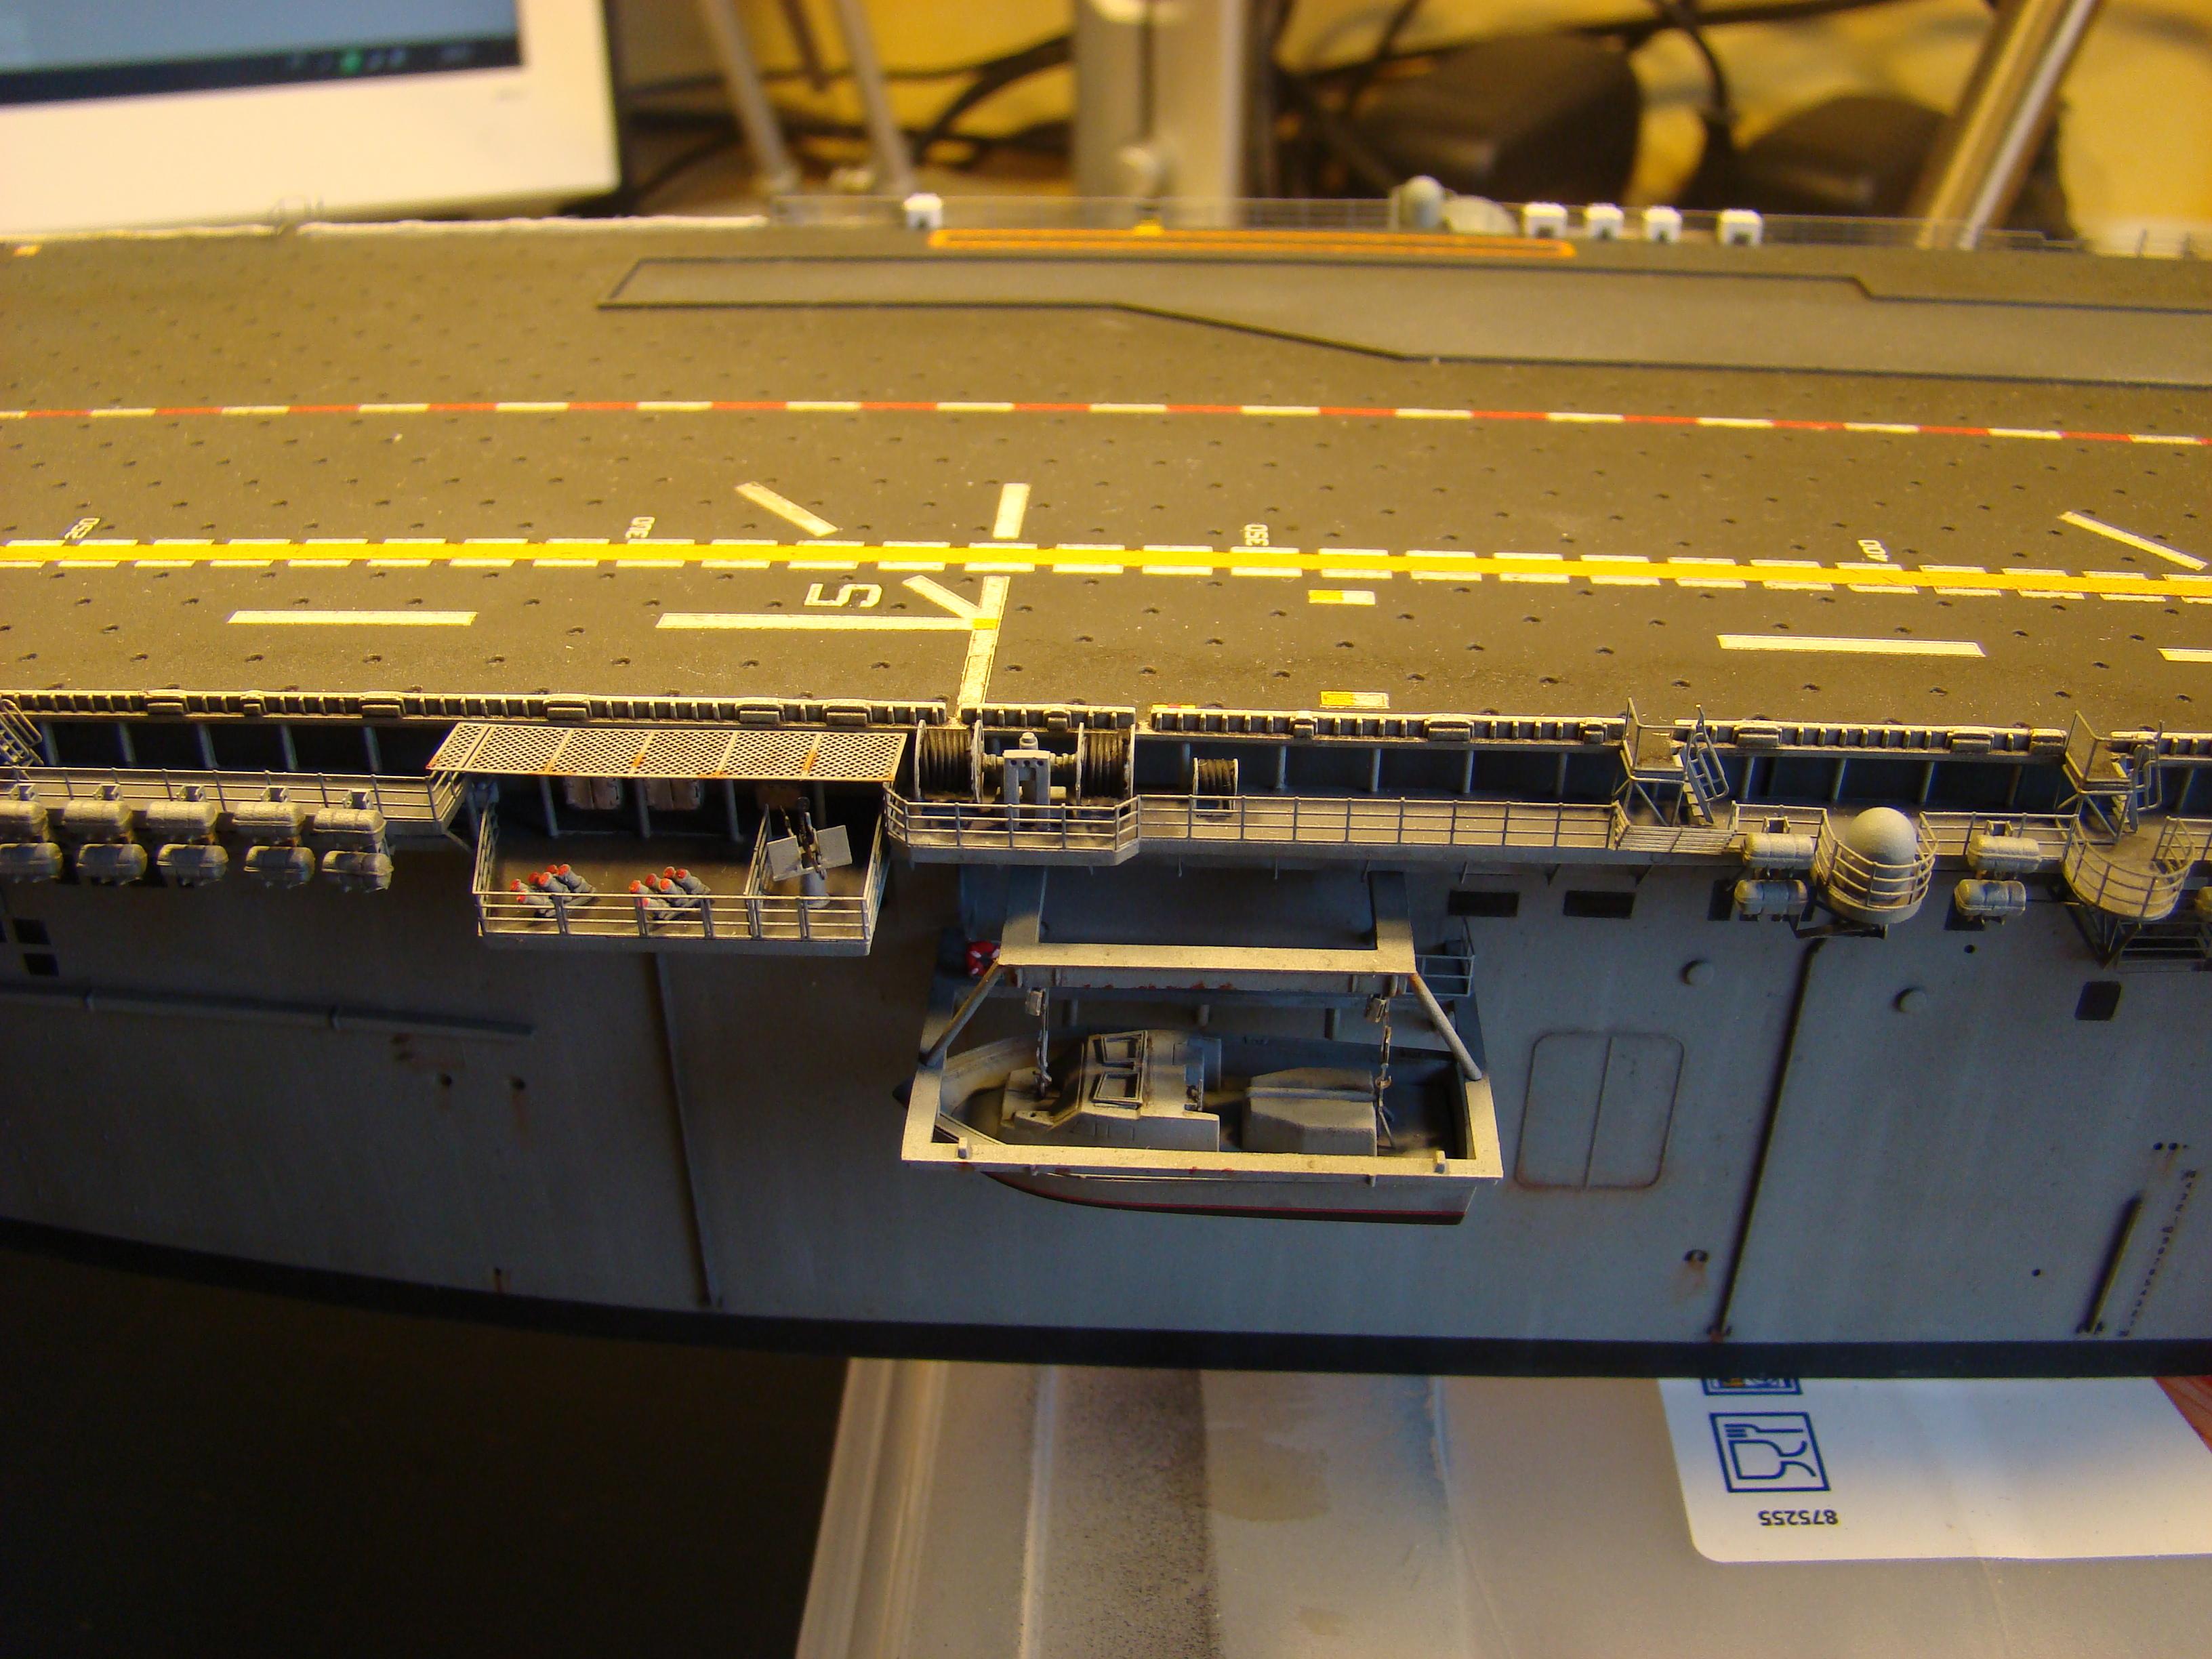 USS WASP LHD-1 au 1/350ème par nova73 - Page 7 Dsc09105n